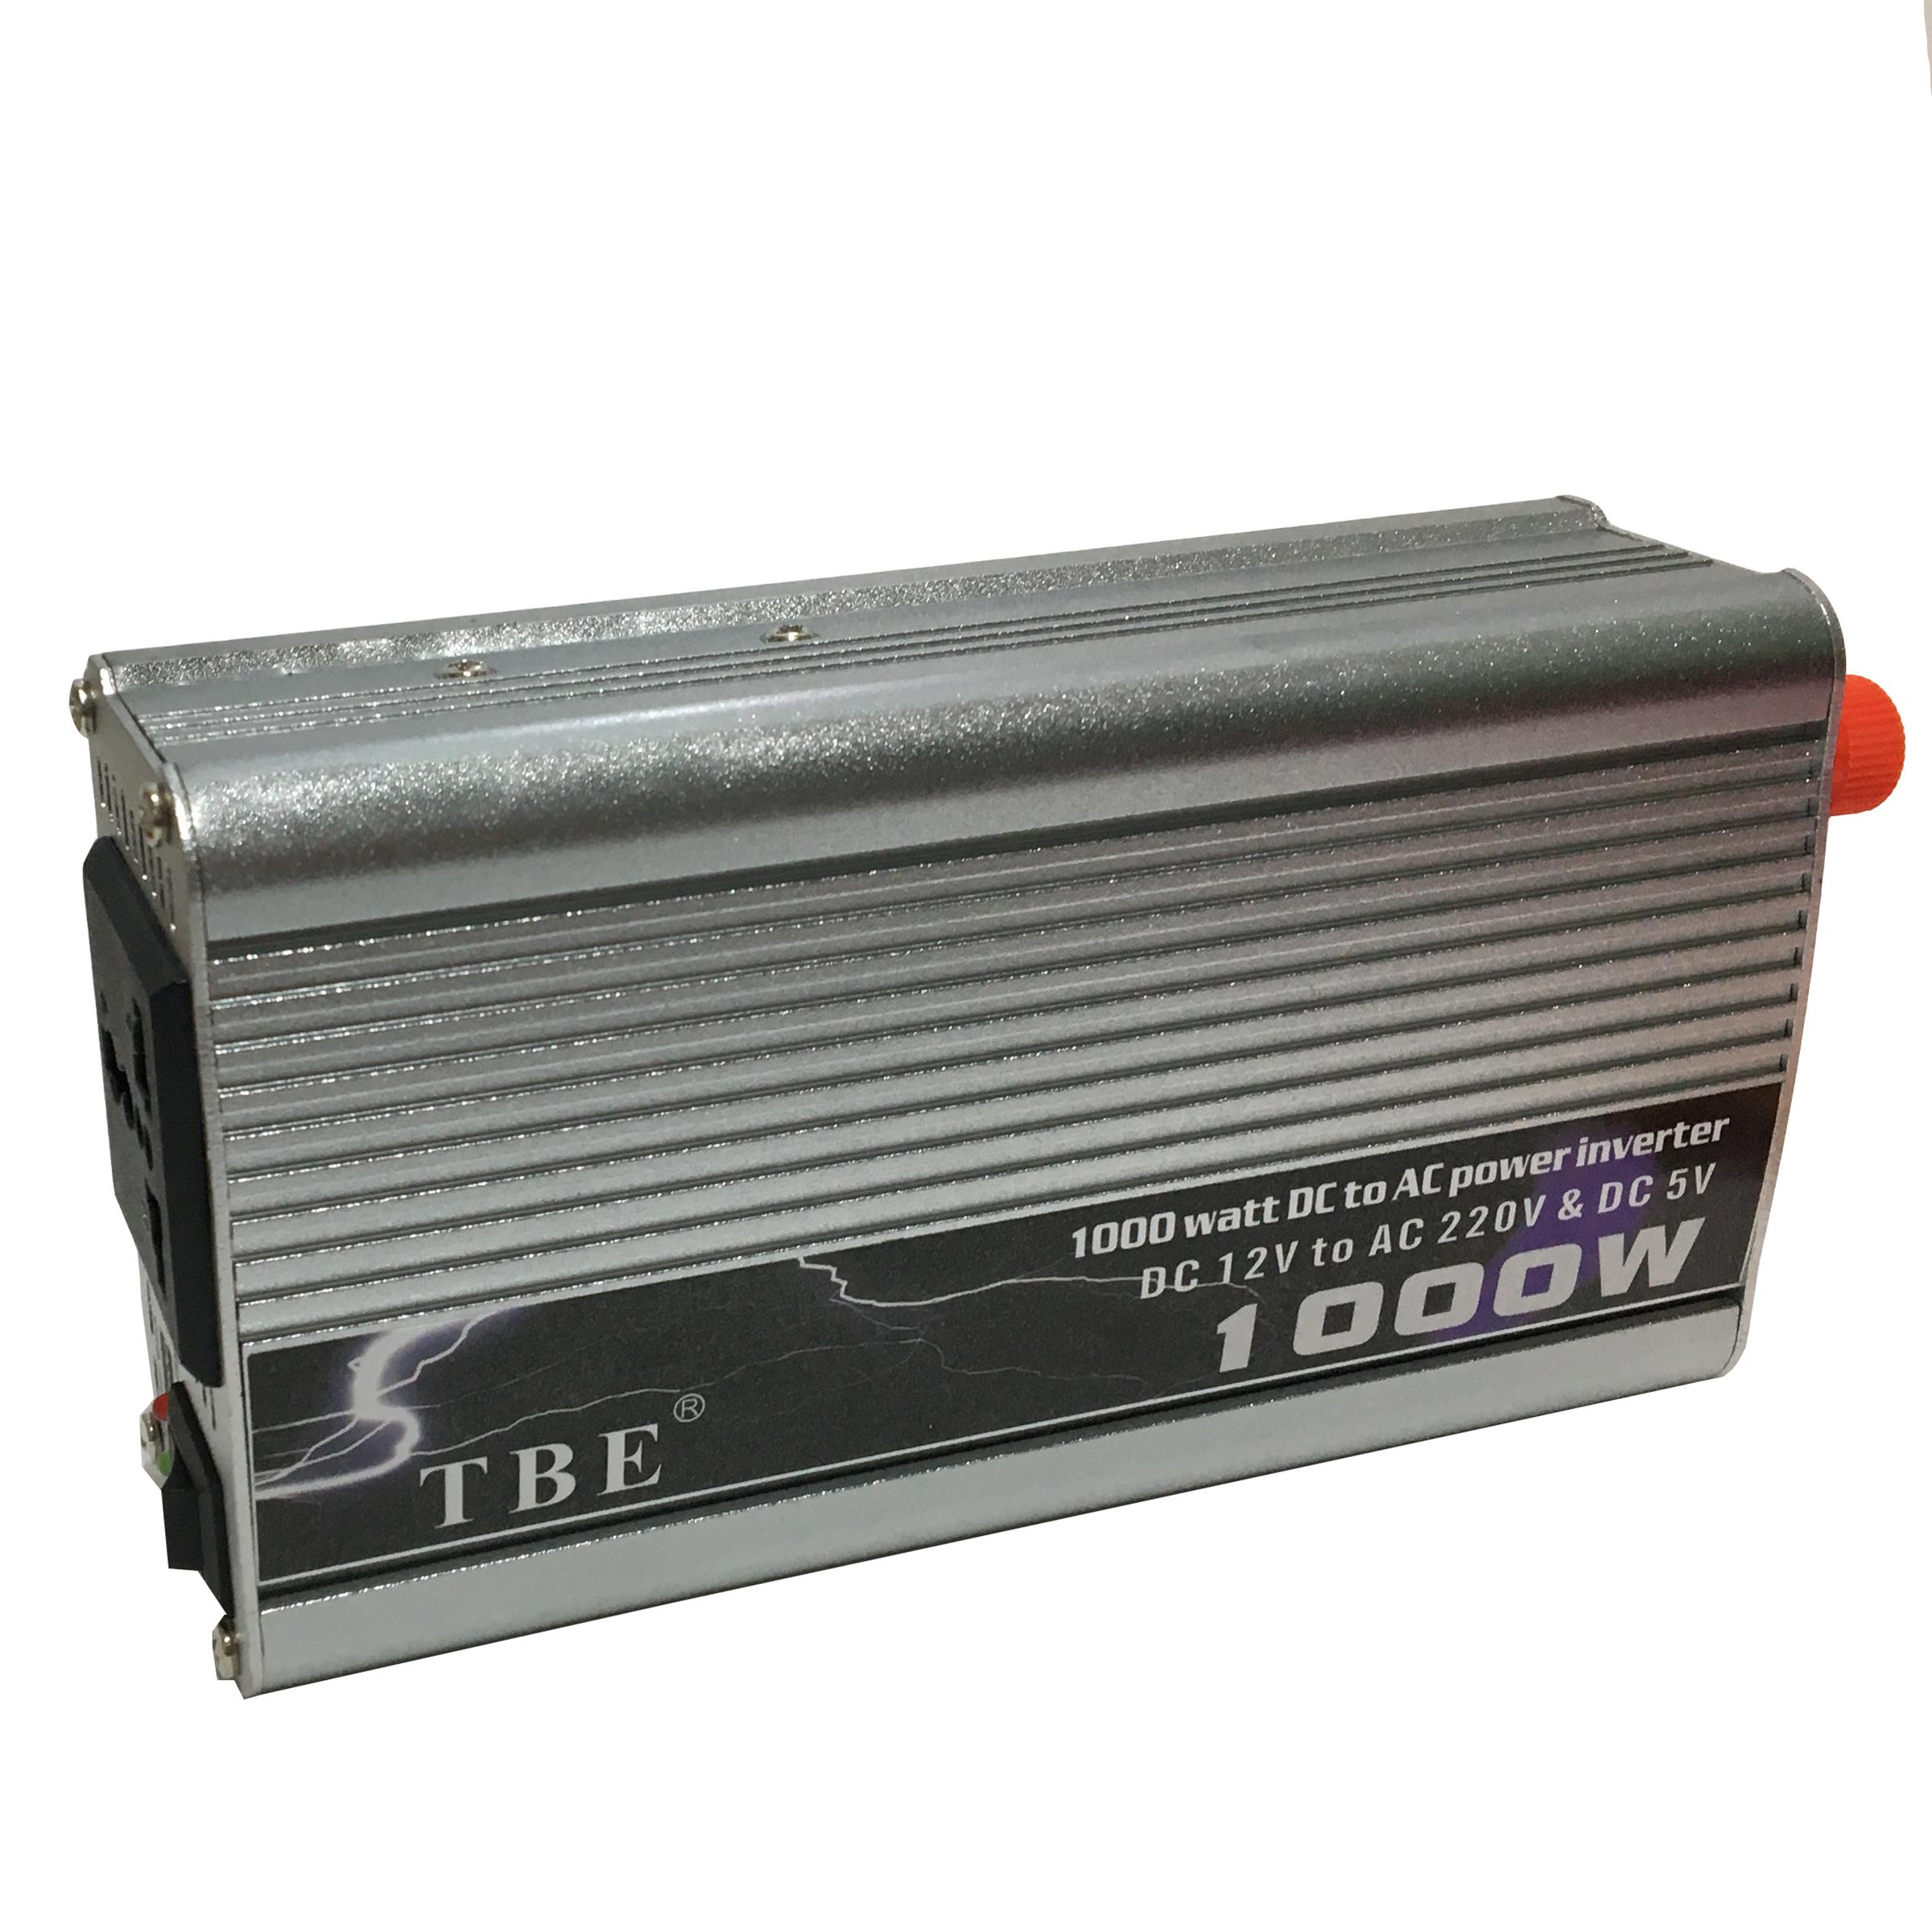 مبدل برق خودرو تی بی ای مدل T1000